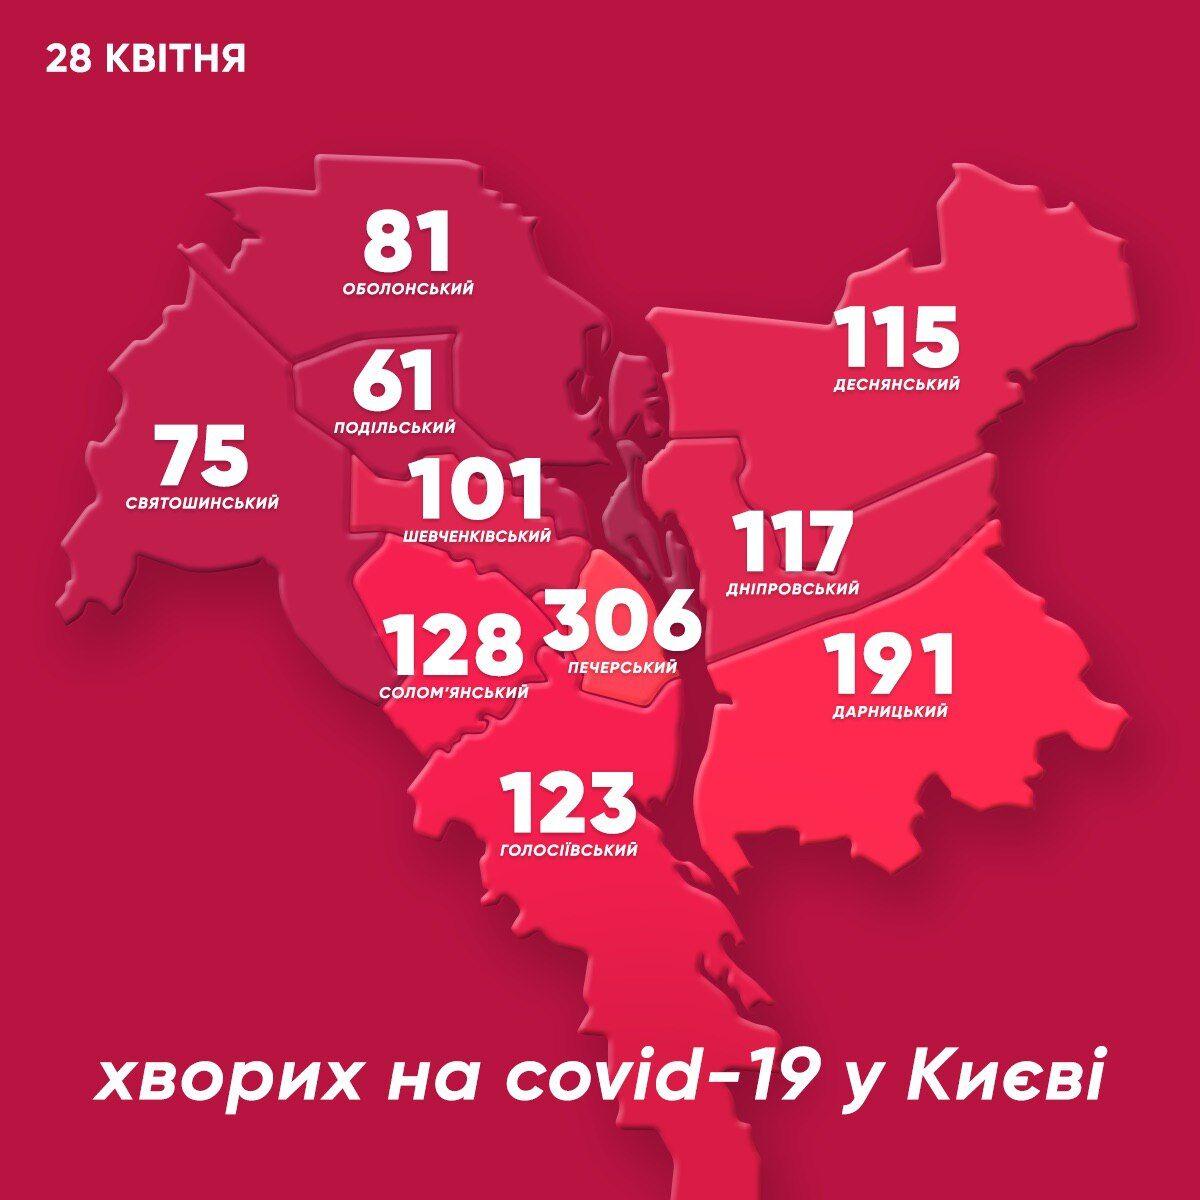 Статистика захворюваності на коронавірус у Києві